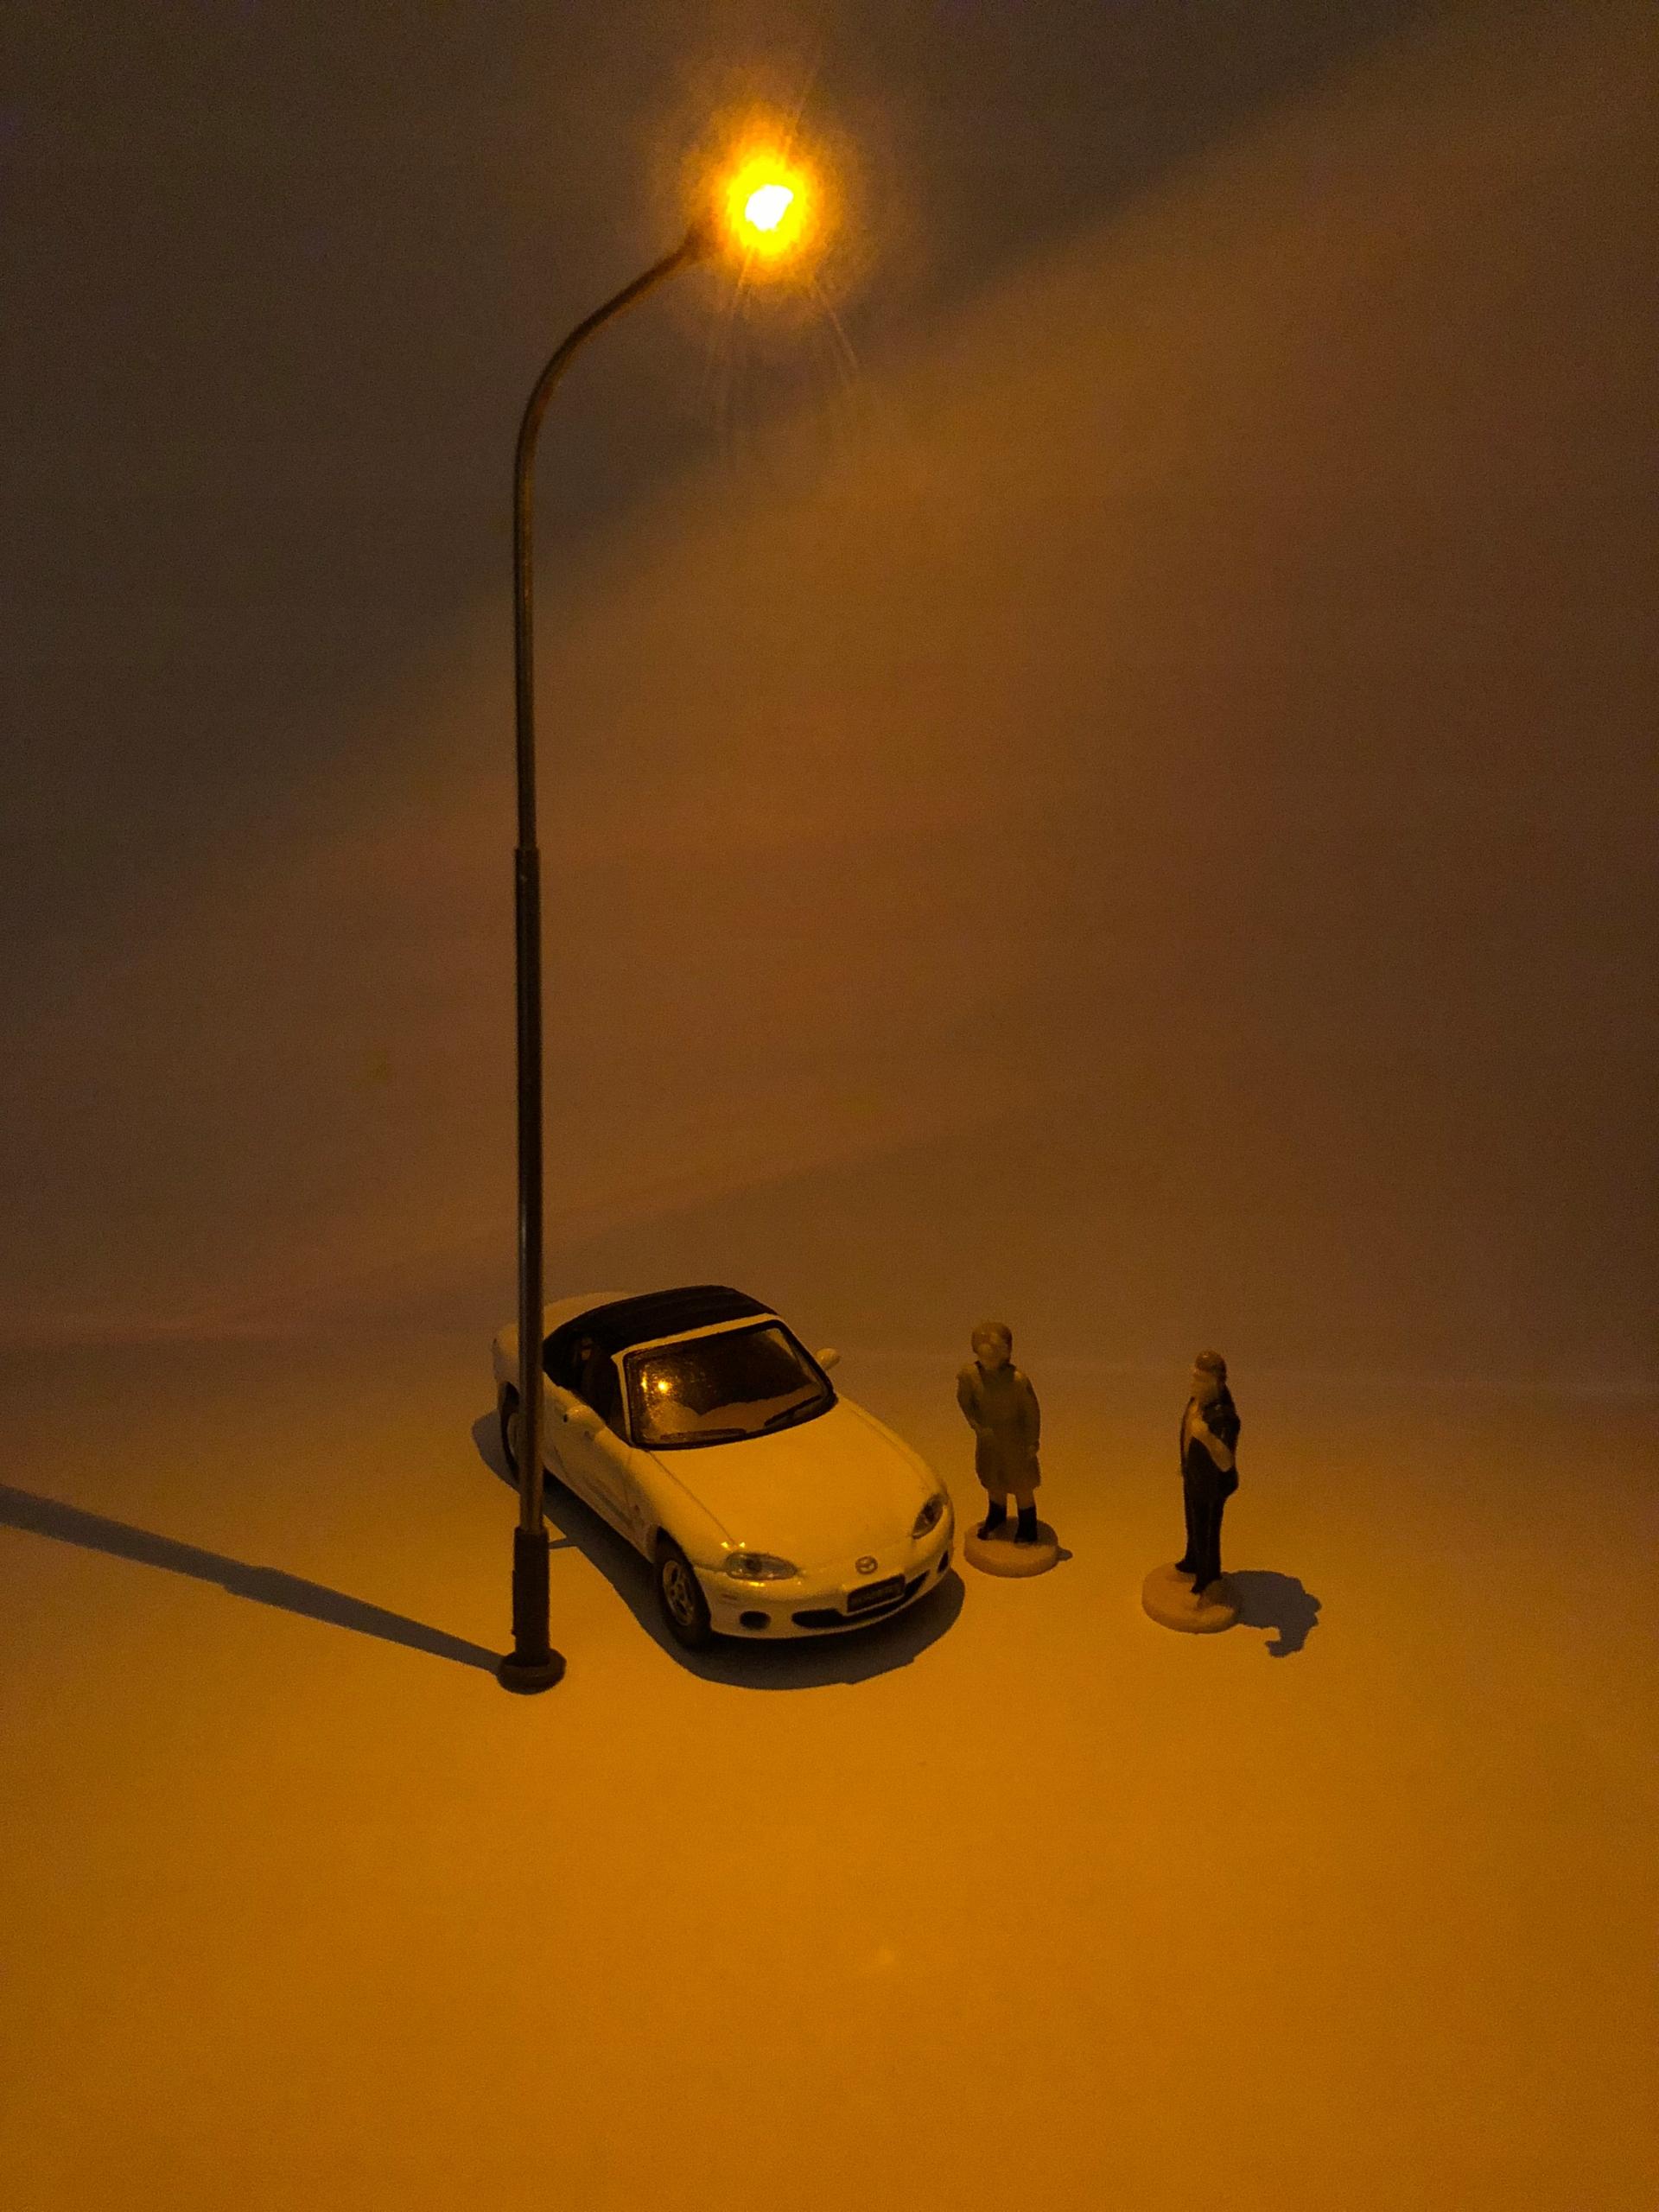 latarnia uliczna H0 TT 1:87 1:120 ciepły biały